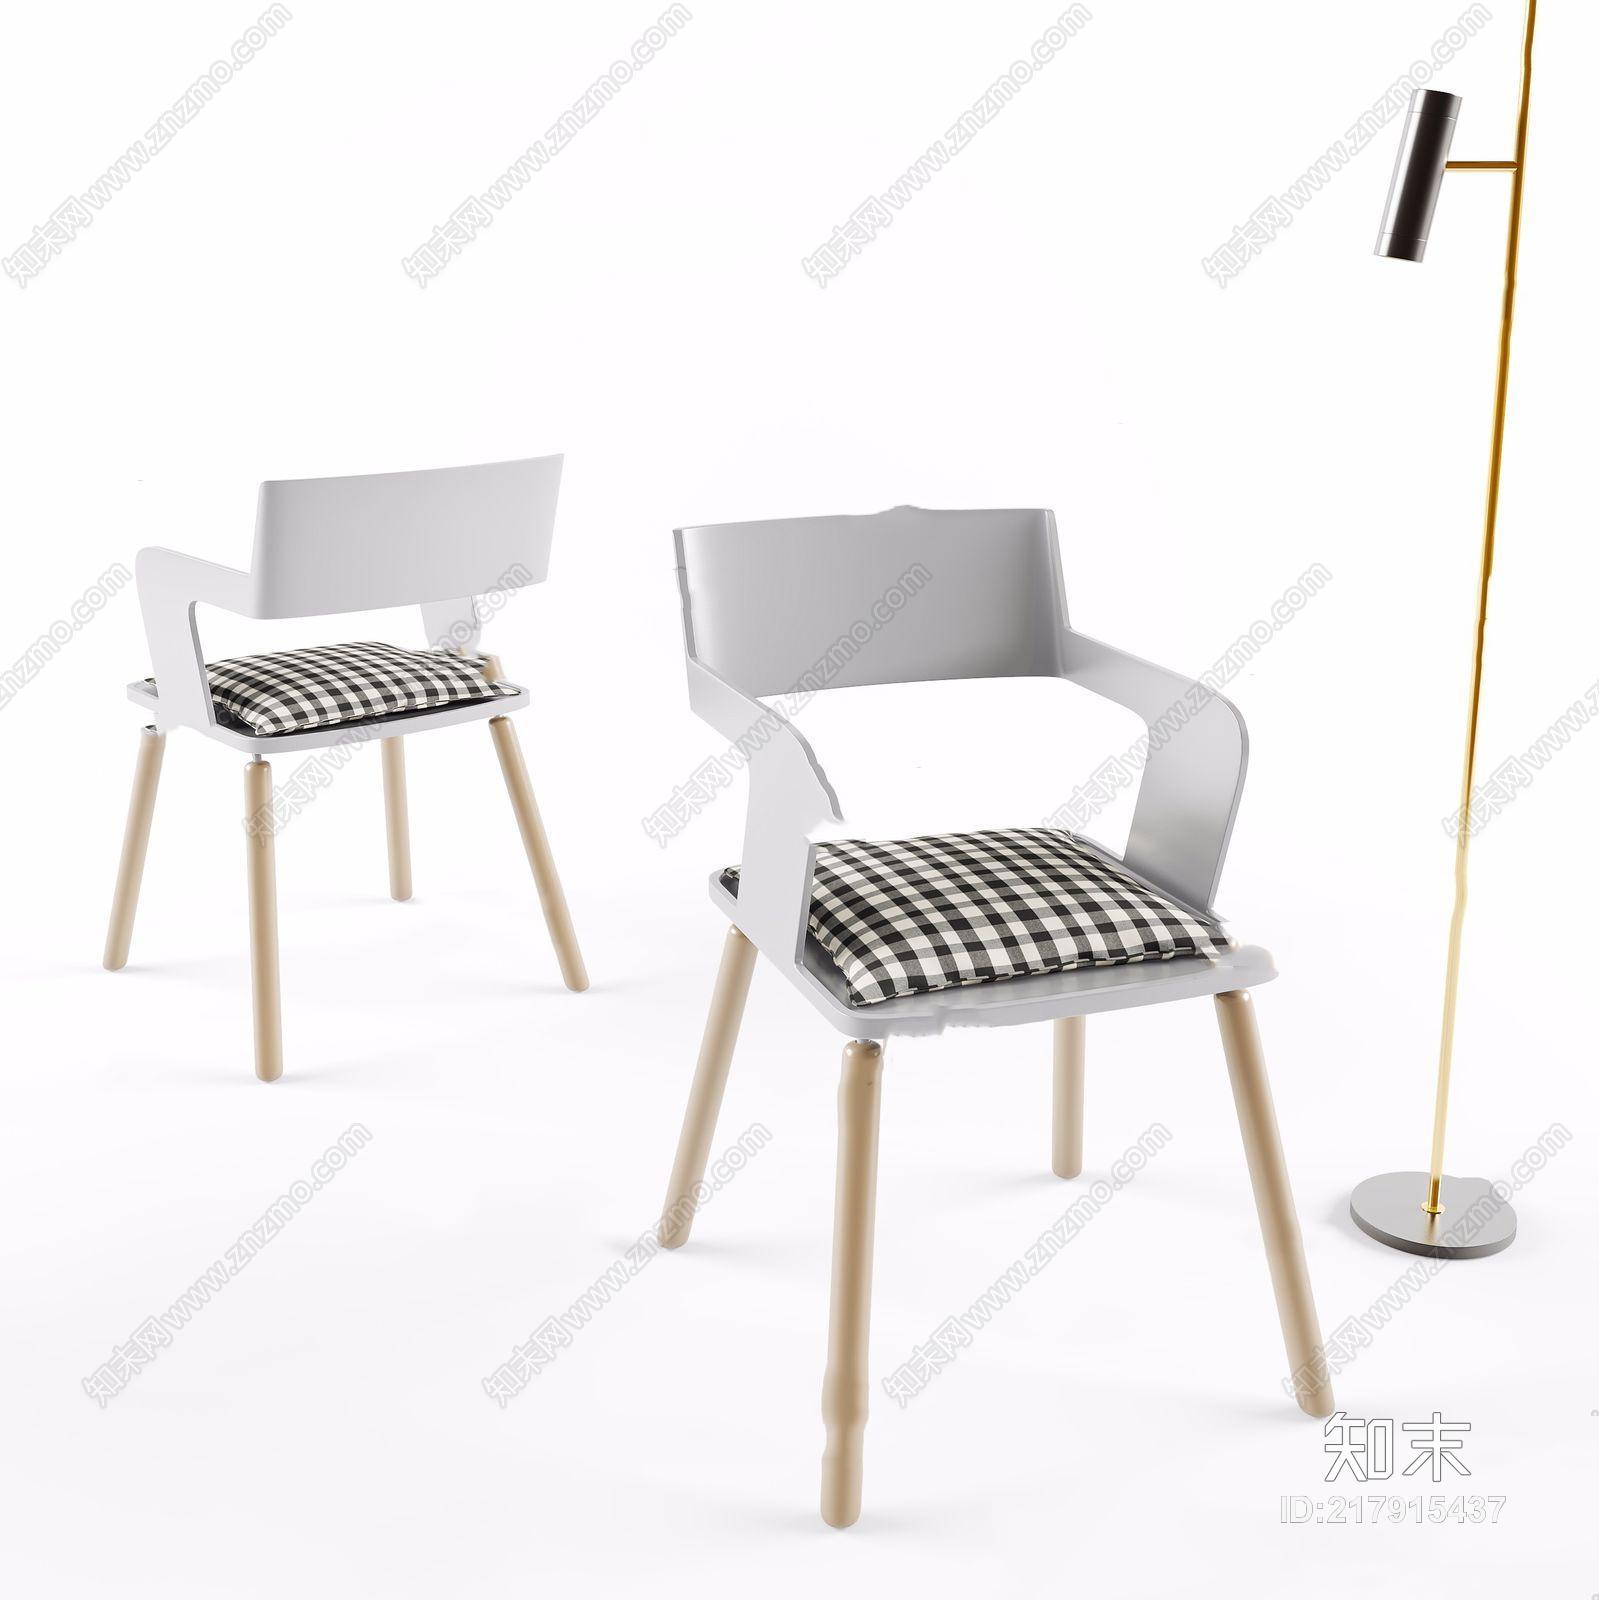 意大利 Poliform 现代休闲单椅 北欧休闲椅 落地灯 椅子 单椅 餐椅 意大利 Poliform